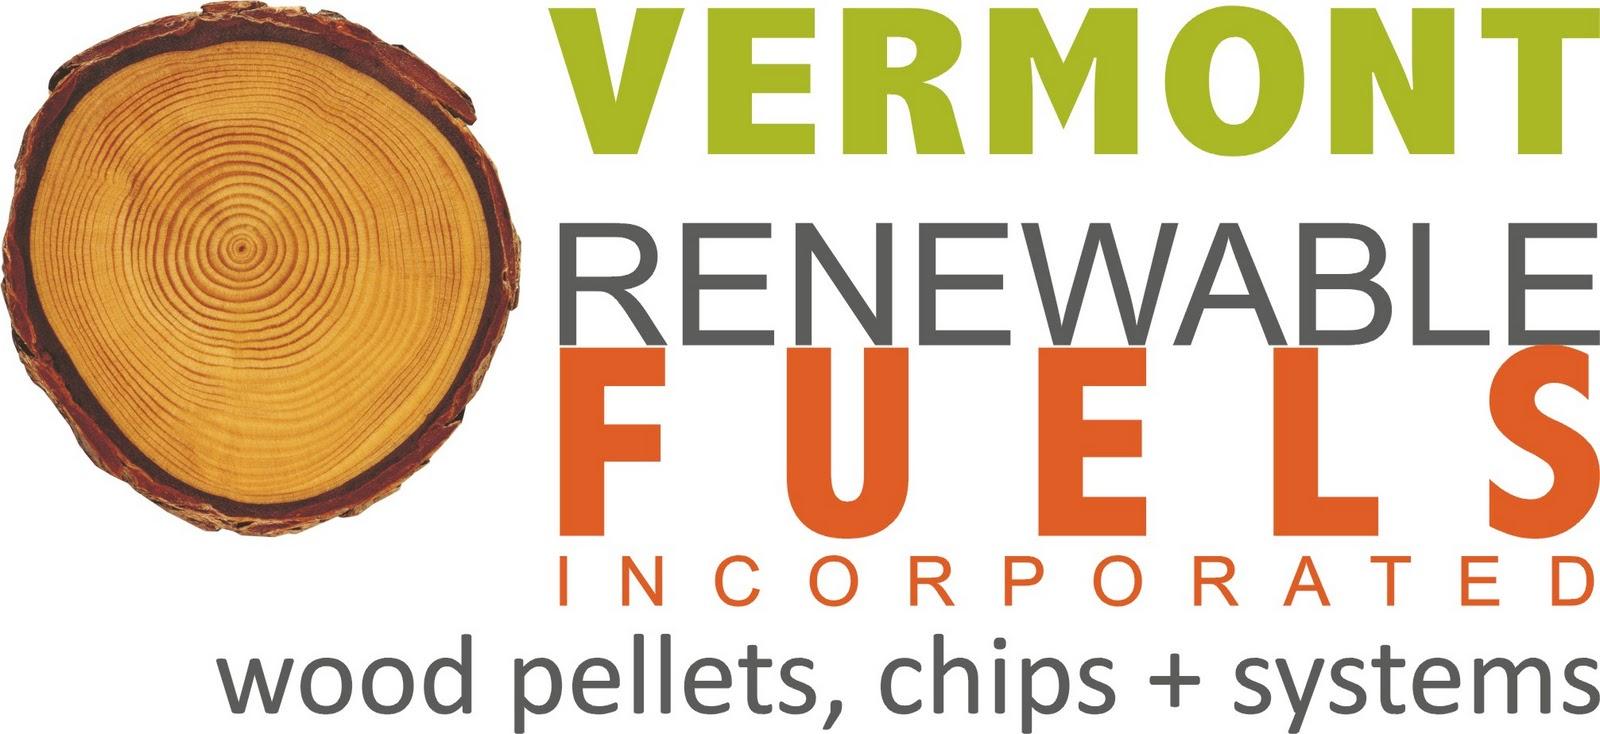 http://www.vermontrenewablefuels.com/